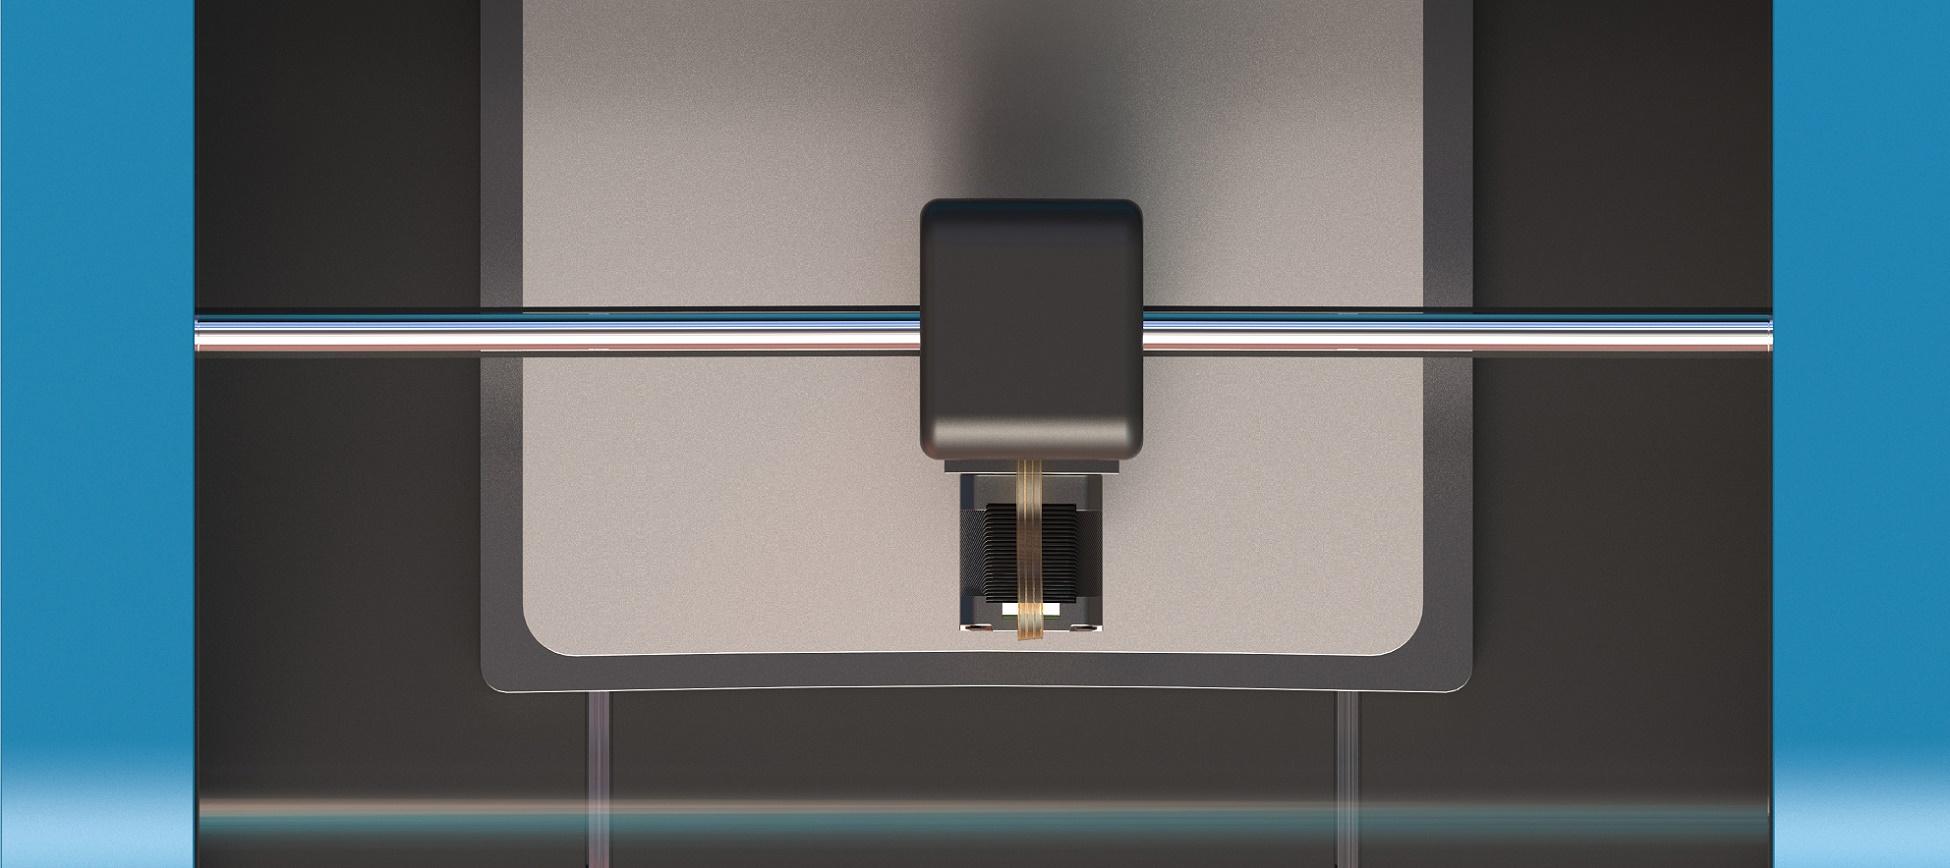 Ya se puede imprimir cristal con una impresora 3D